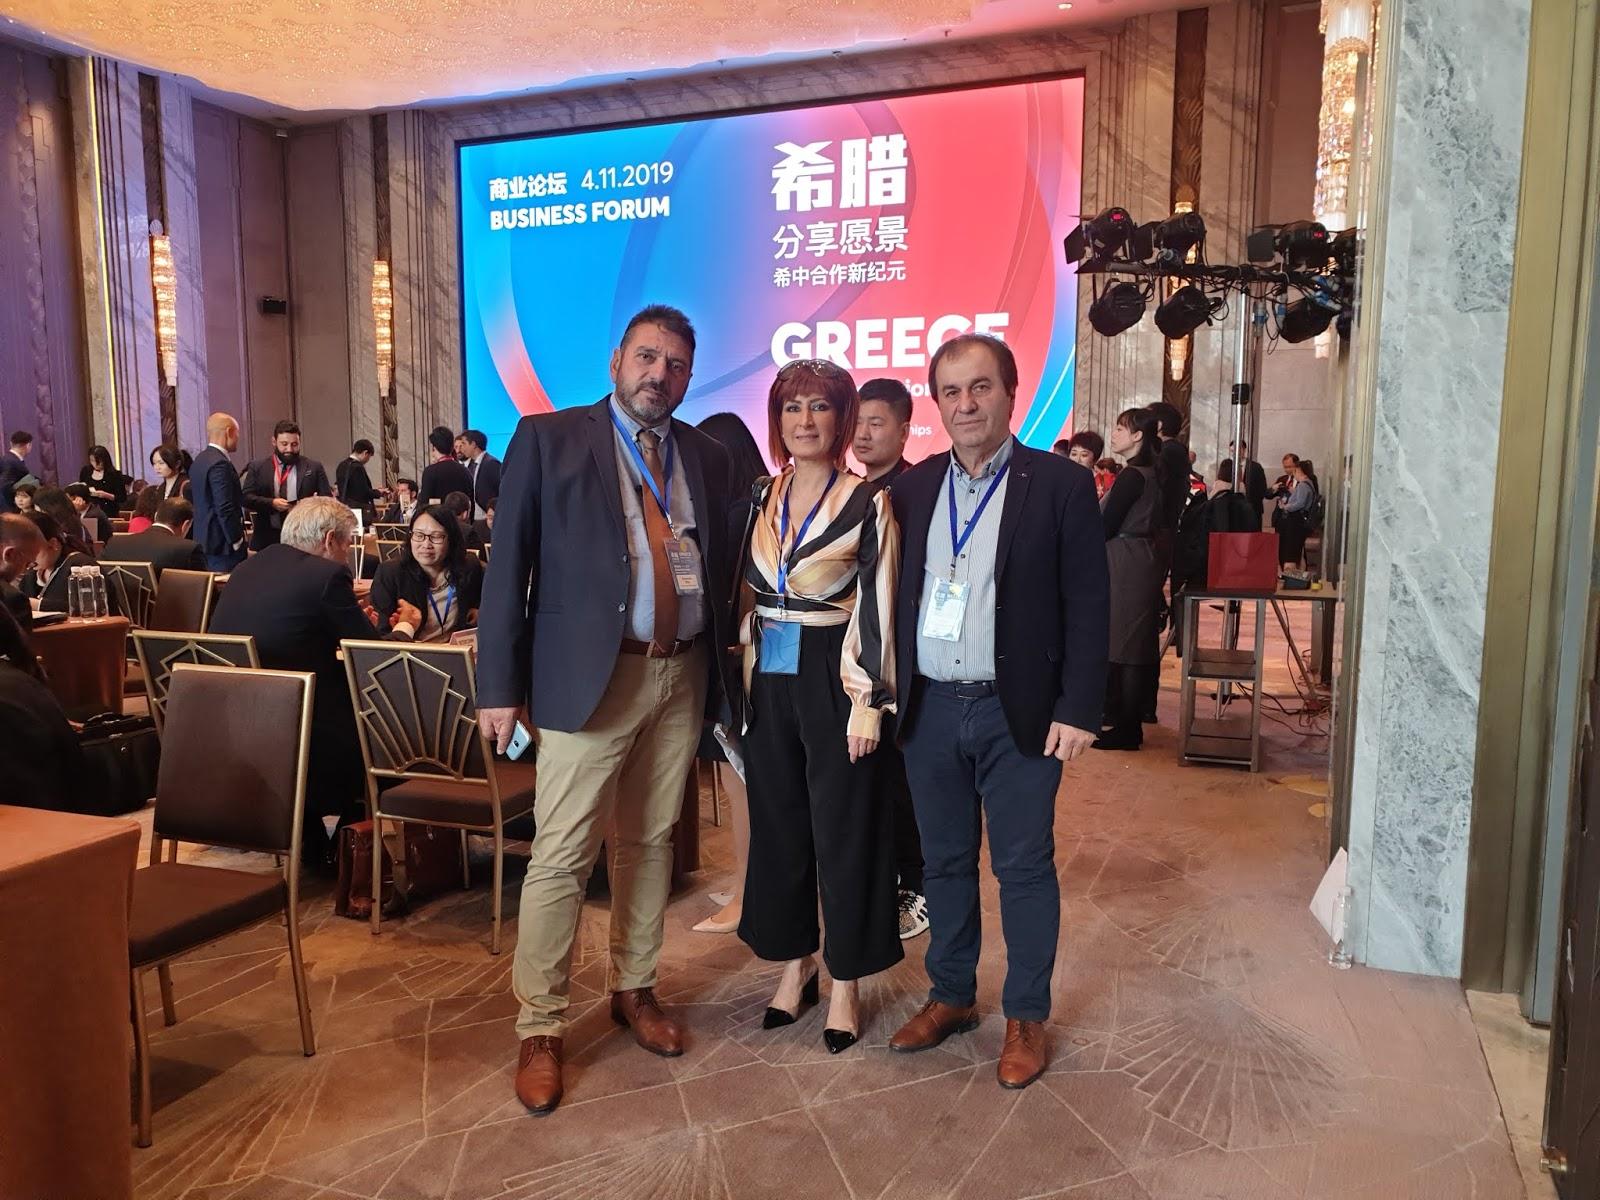 Το Επιμελητήριο Λάρισας στην έκθεση CIIE  2019 στη Σαγκάη